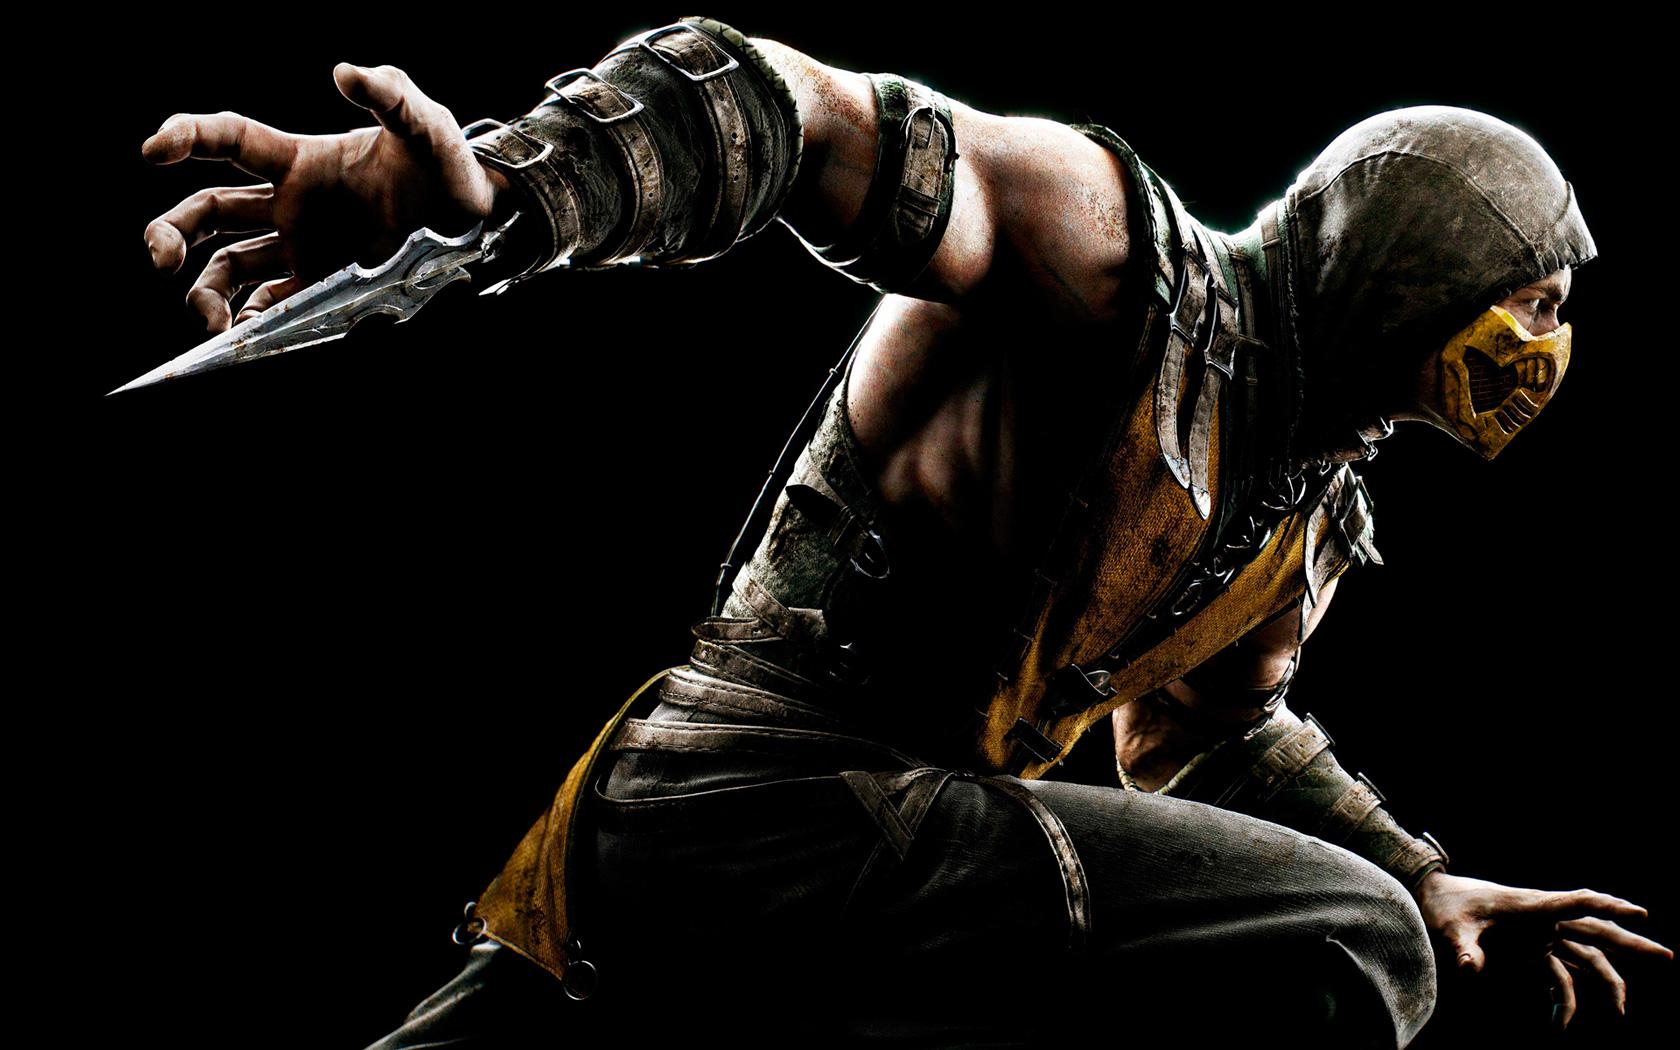 Free Mortal Kombat X Wallpaper in 1680x1050